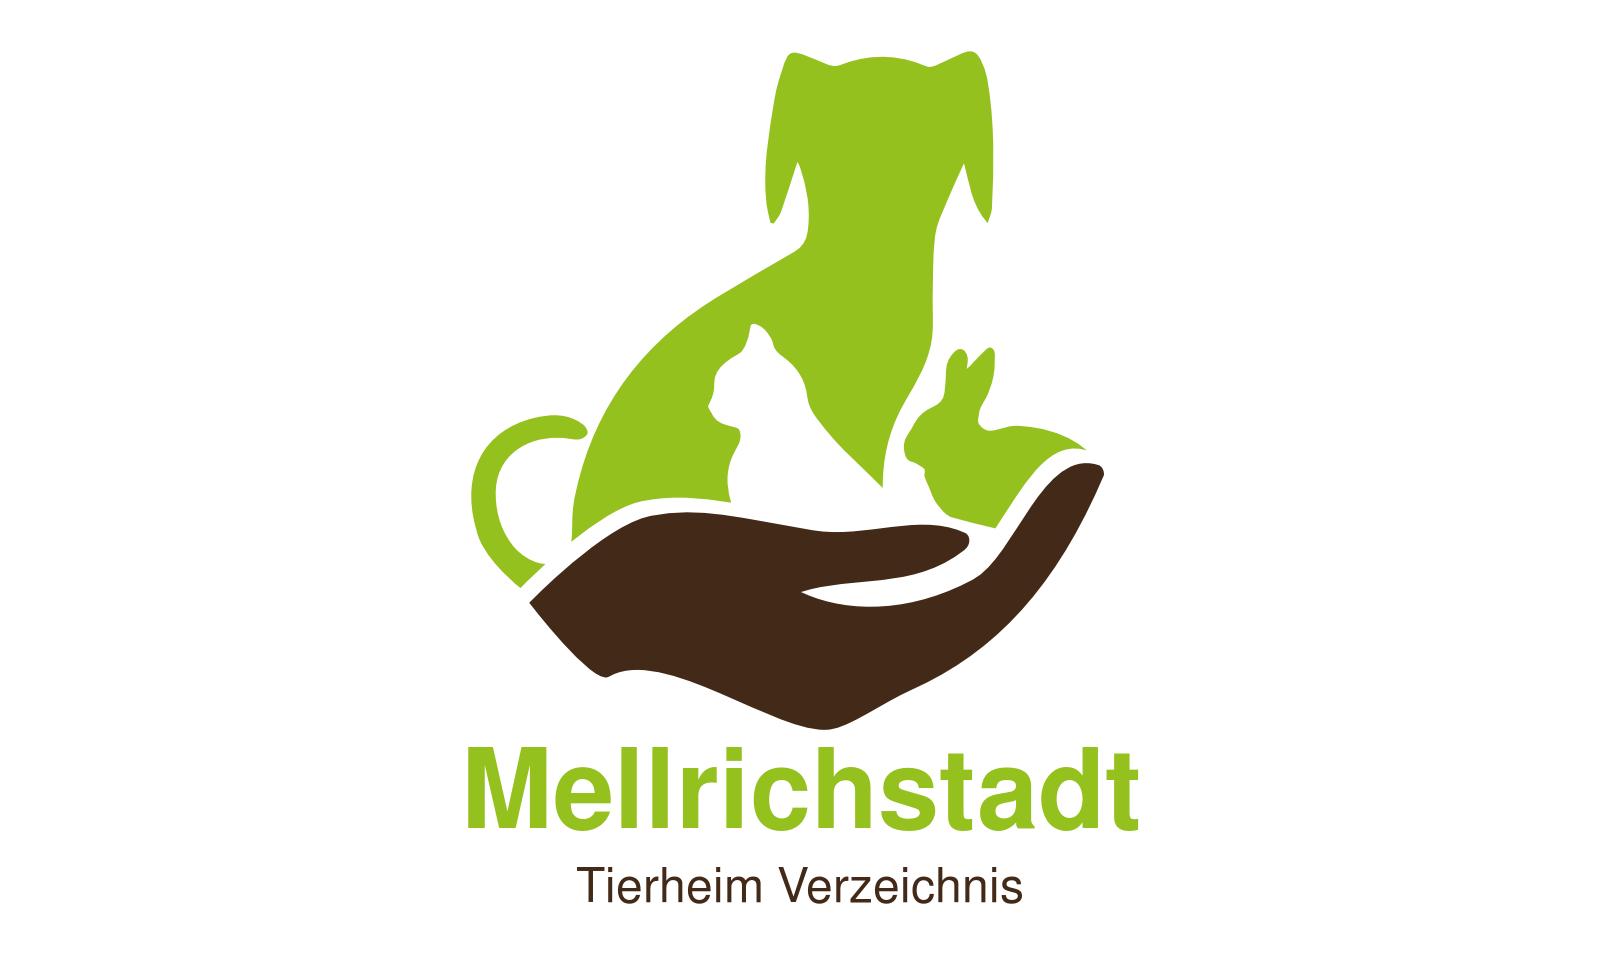 Tierheim Mellrichstadt